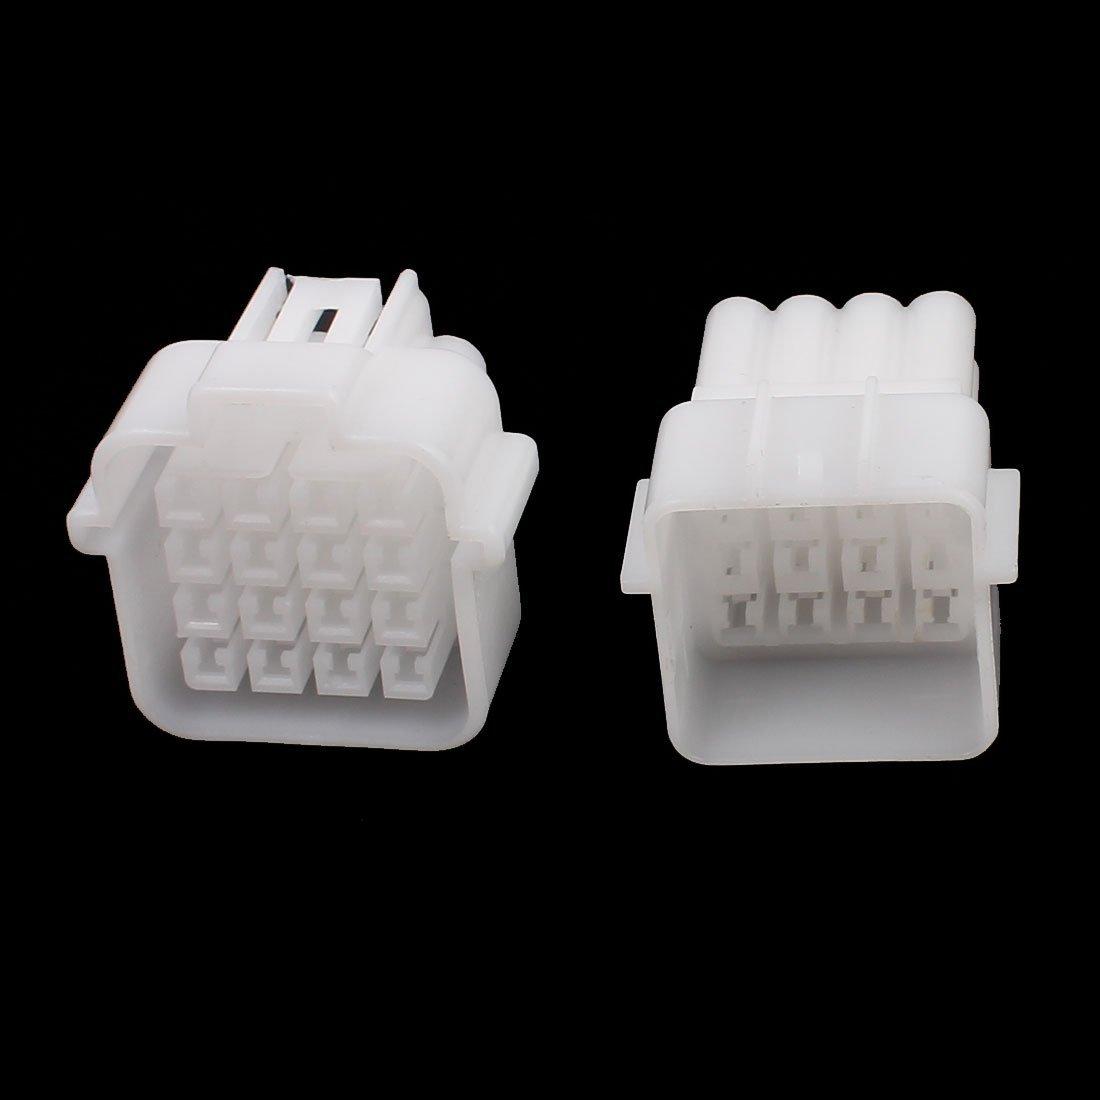 Amazon.com: eDealMax auto cerrado Kit de conectores a prueba de agua 16 Camino DE 2,3 mm Terminal de calor sistema de adaptador Blanca: Car Electronics